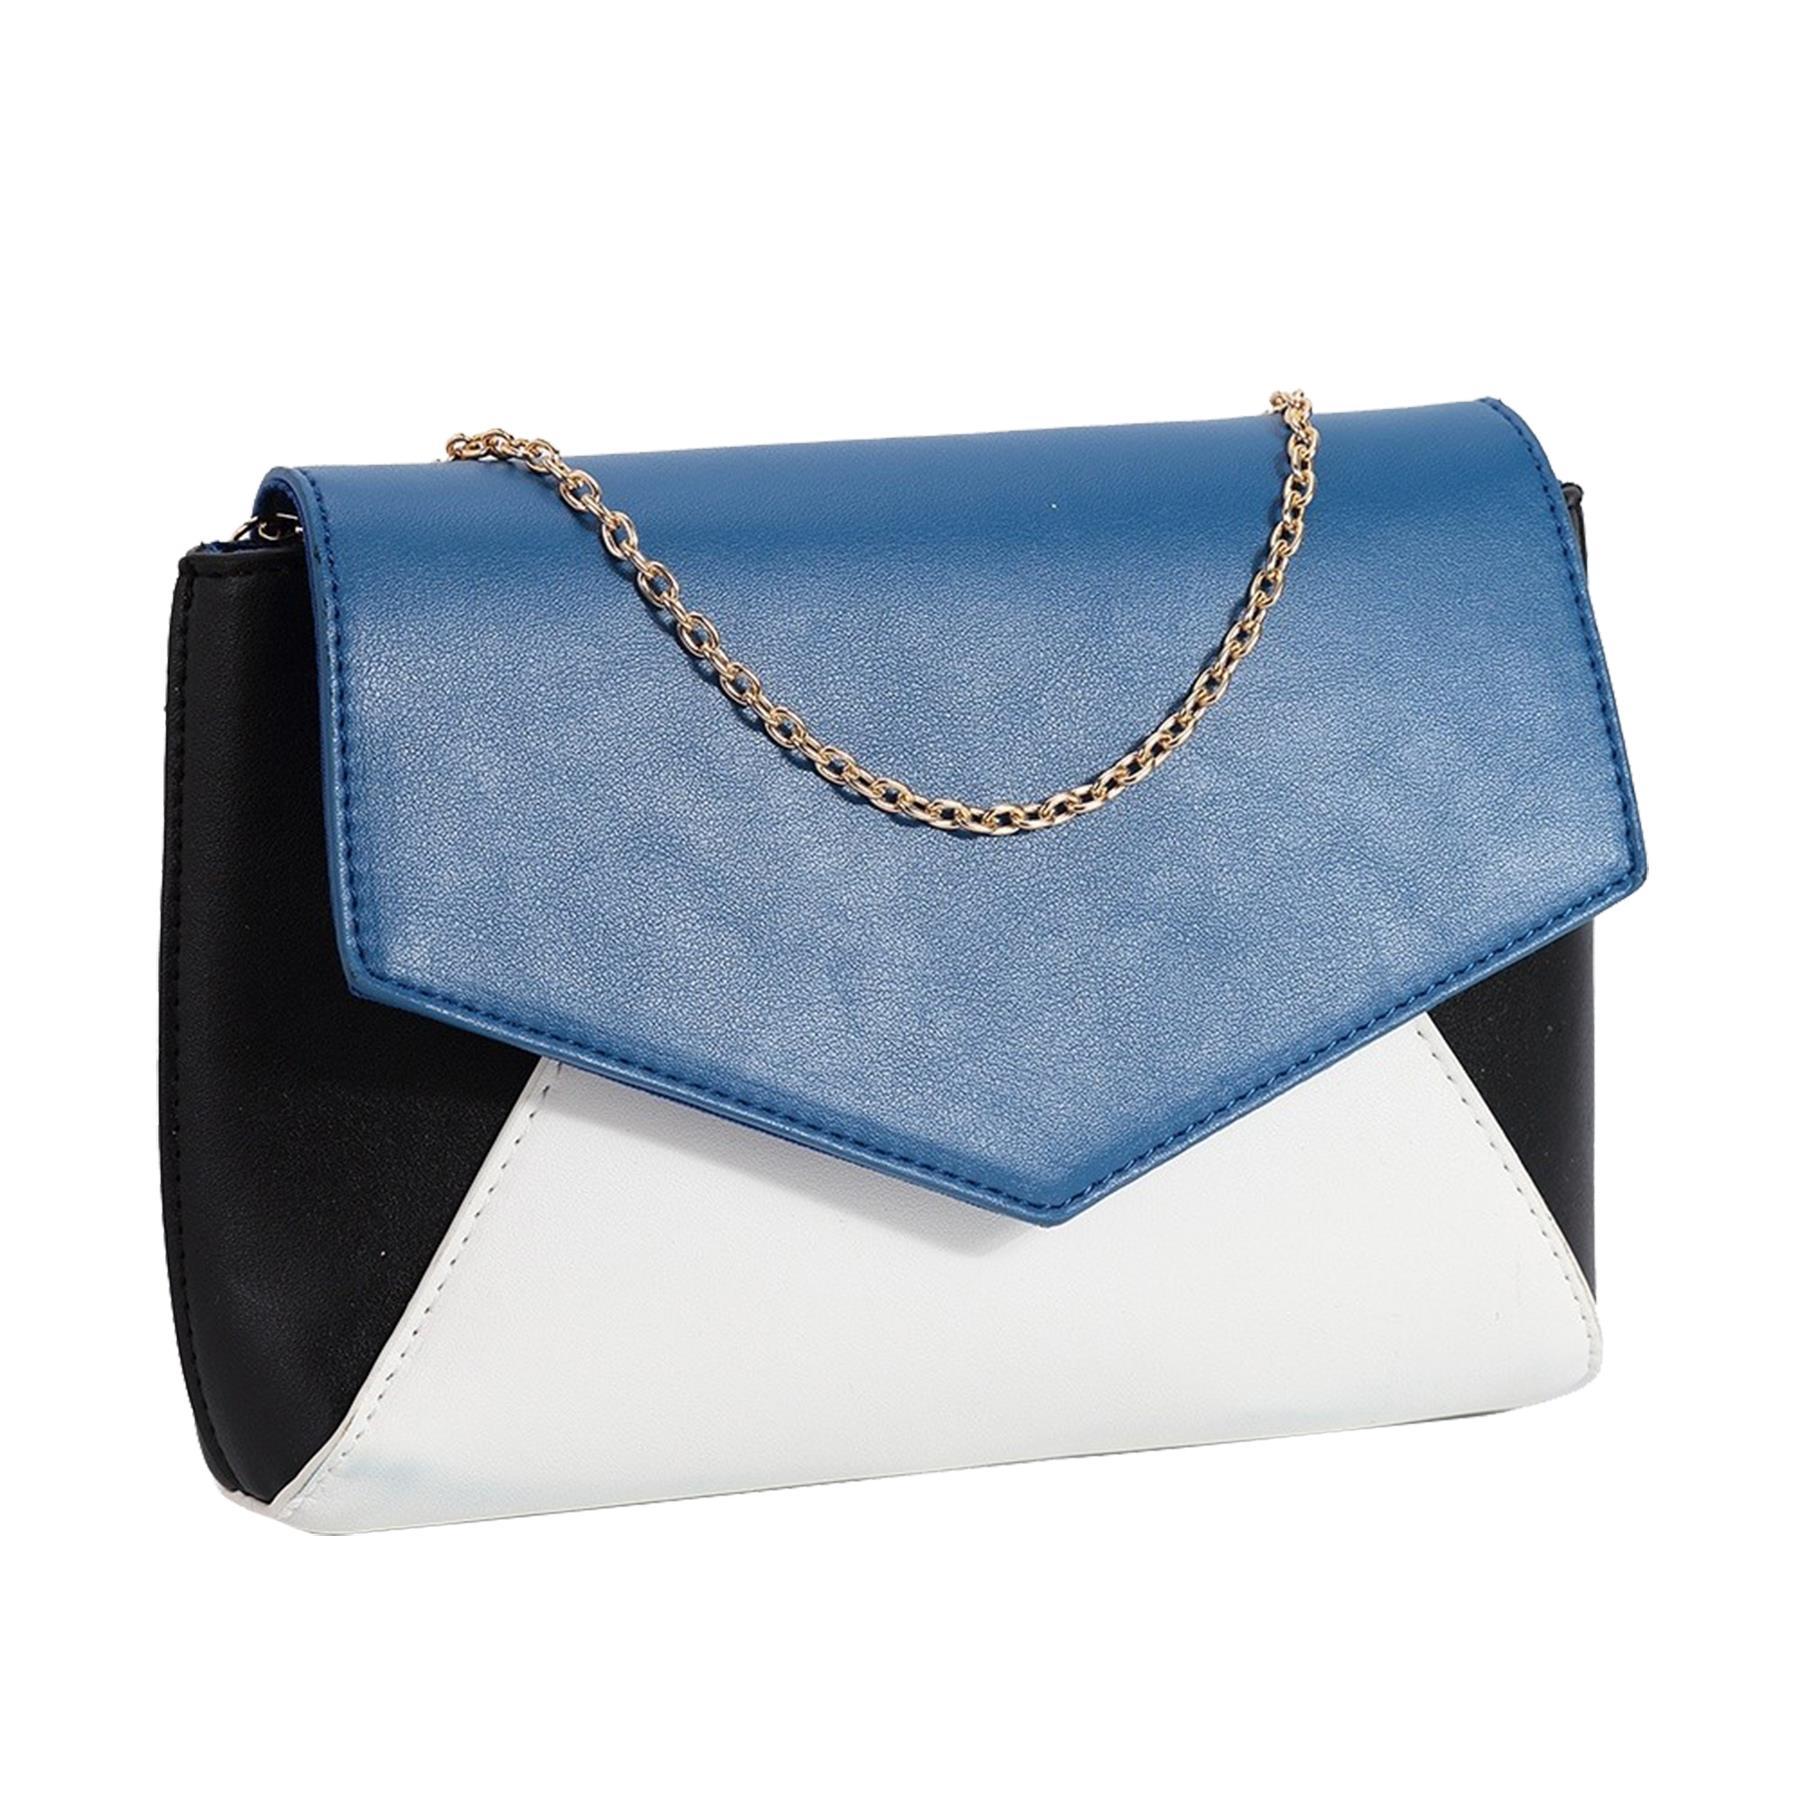 New-Women-s-Faux-Leather-Patent-Multicolour-Envelope-Clutch-Bag-Purse thumbnail 3